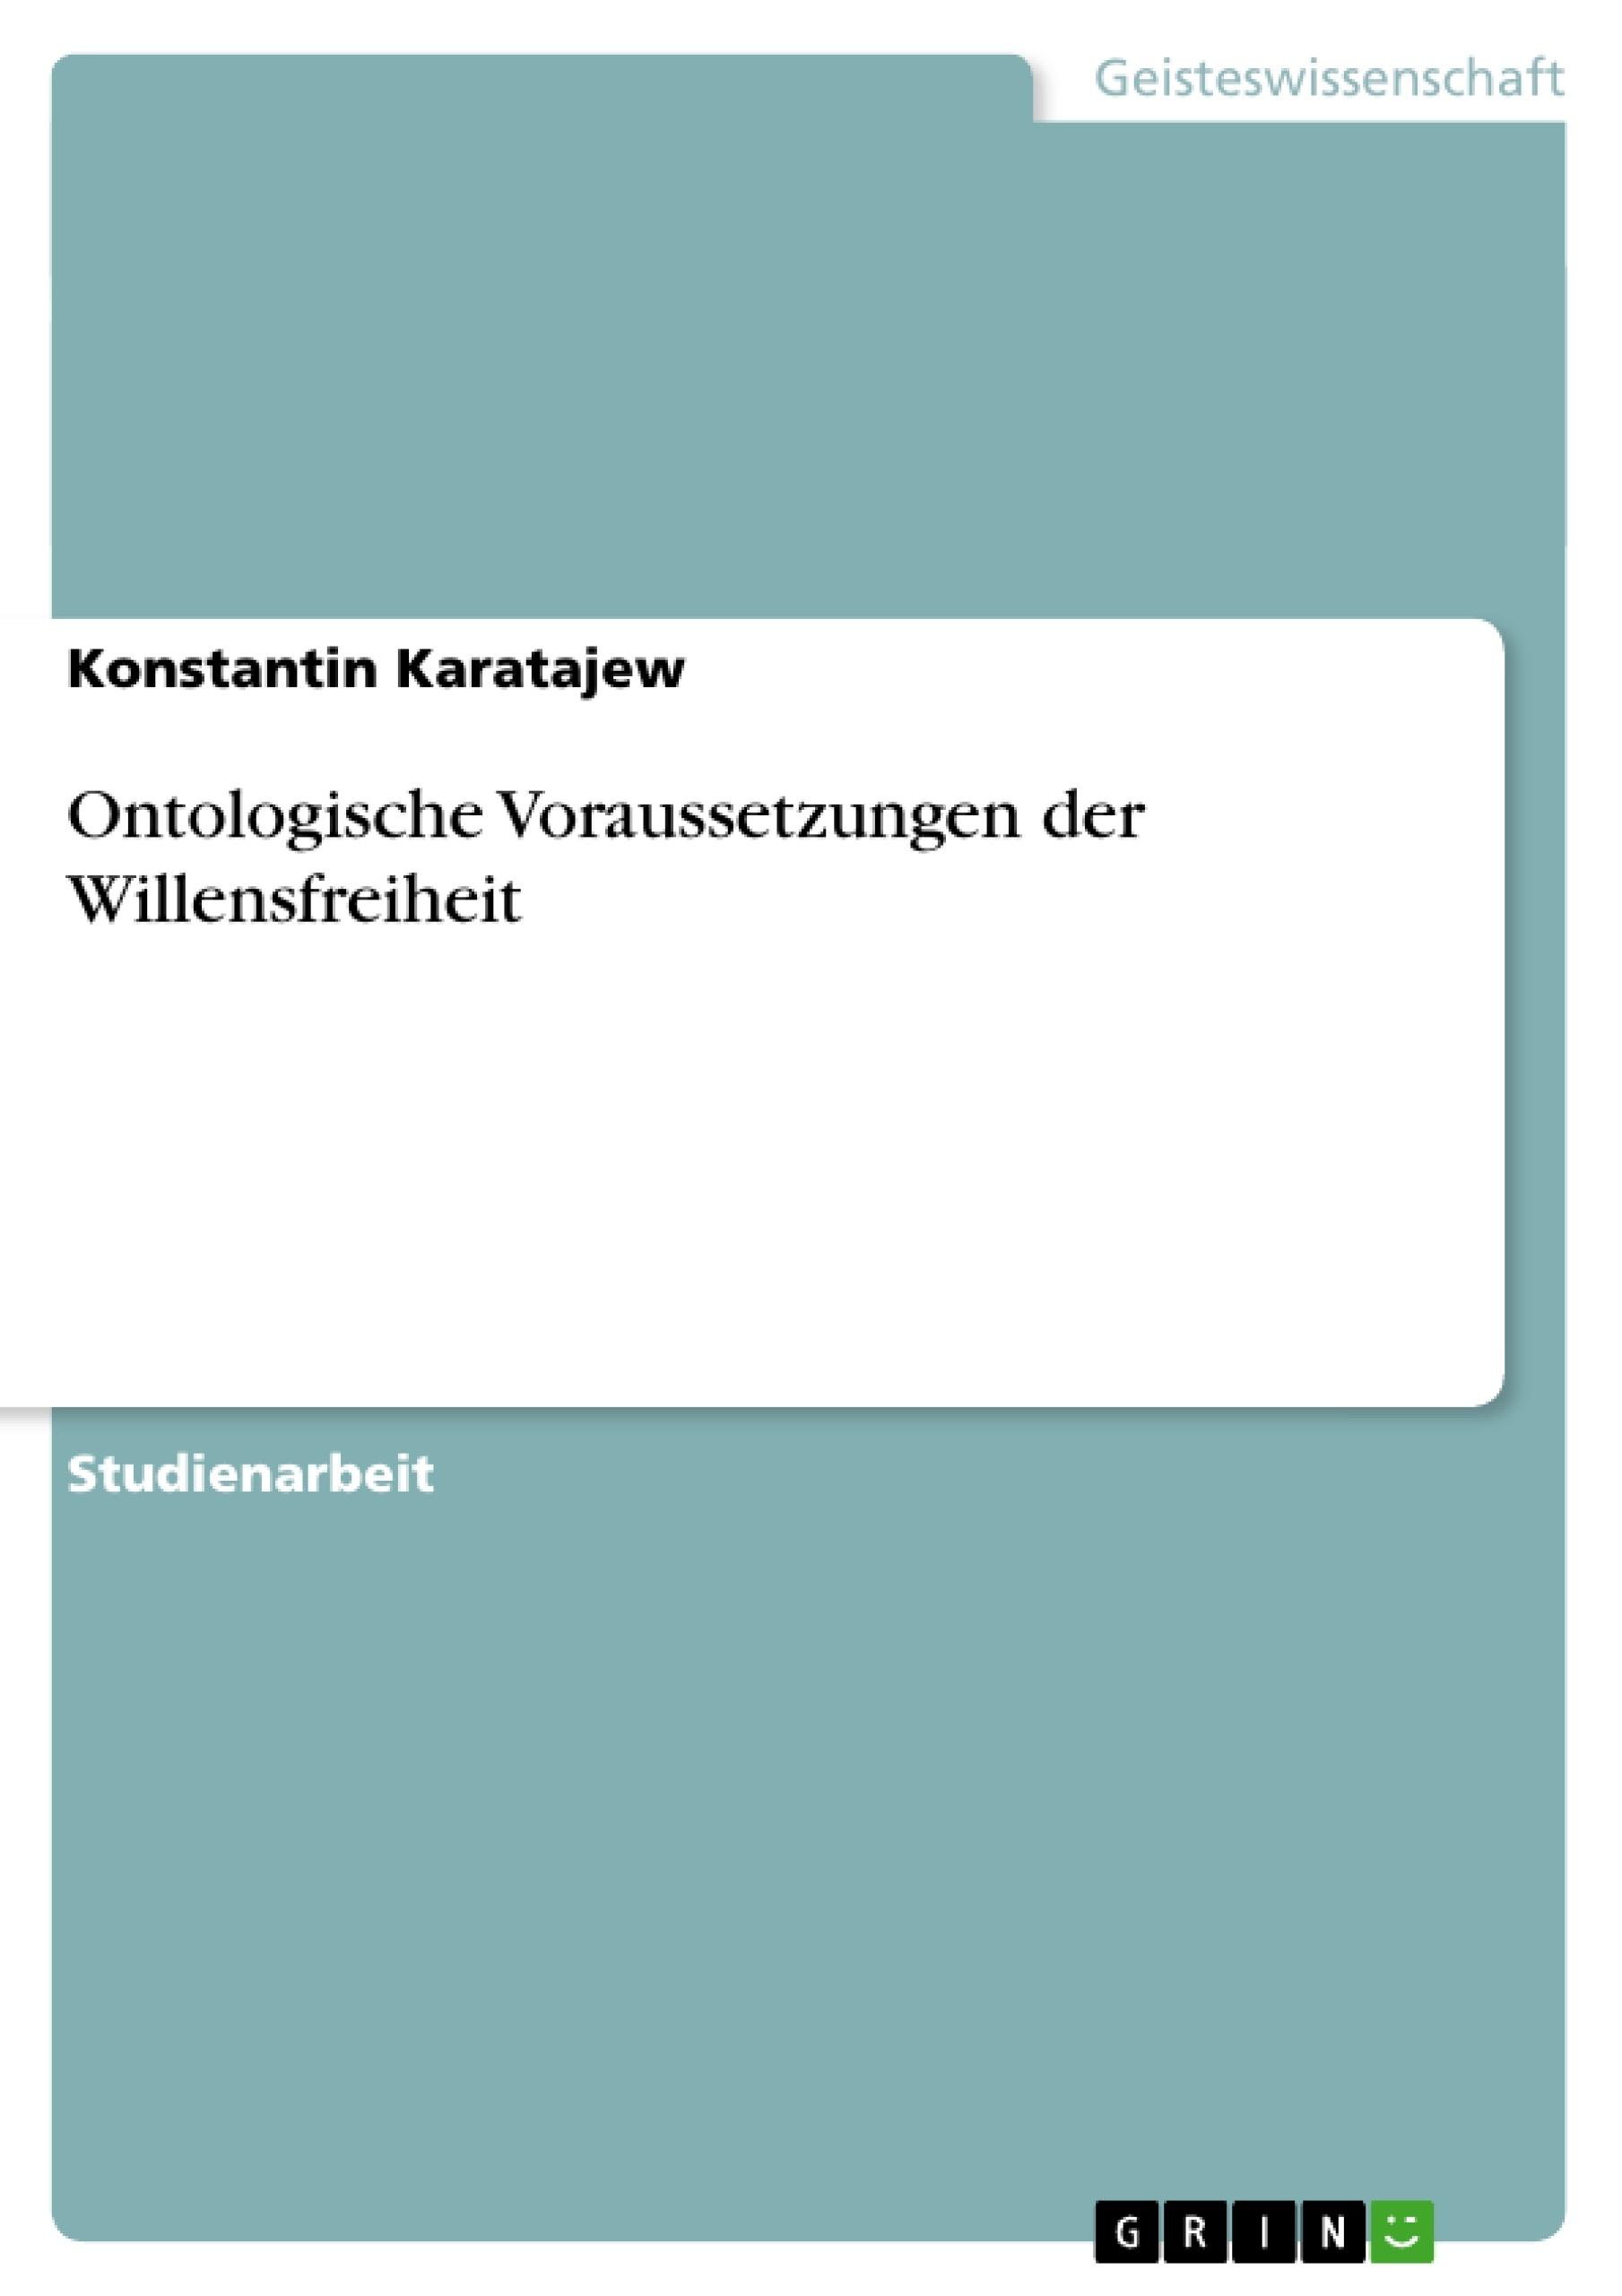 Titel: Ontologische Voraussetzungen der Willensfreiheit